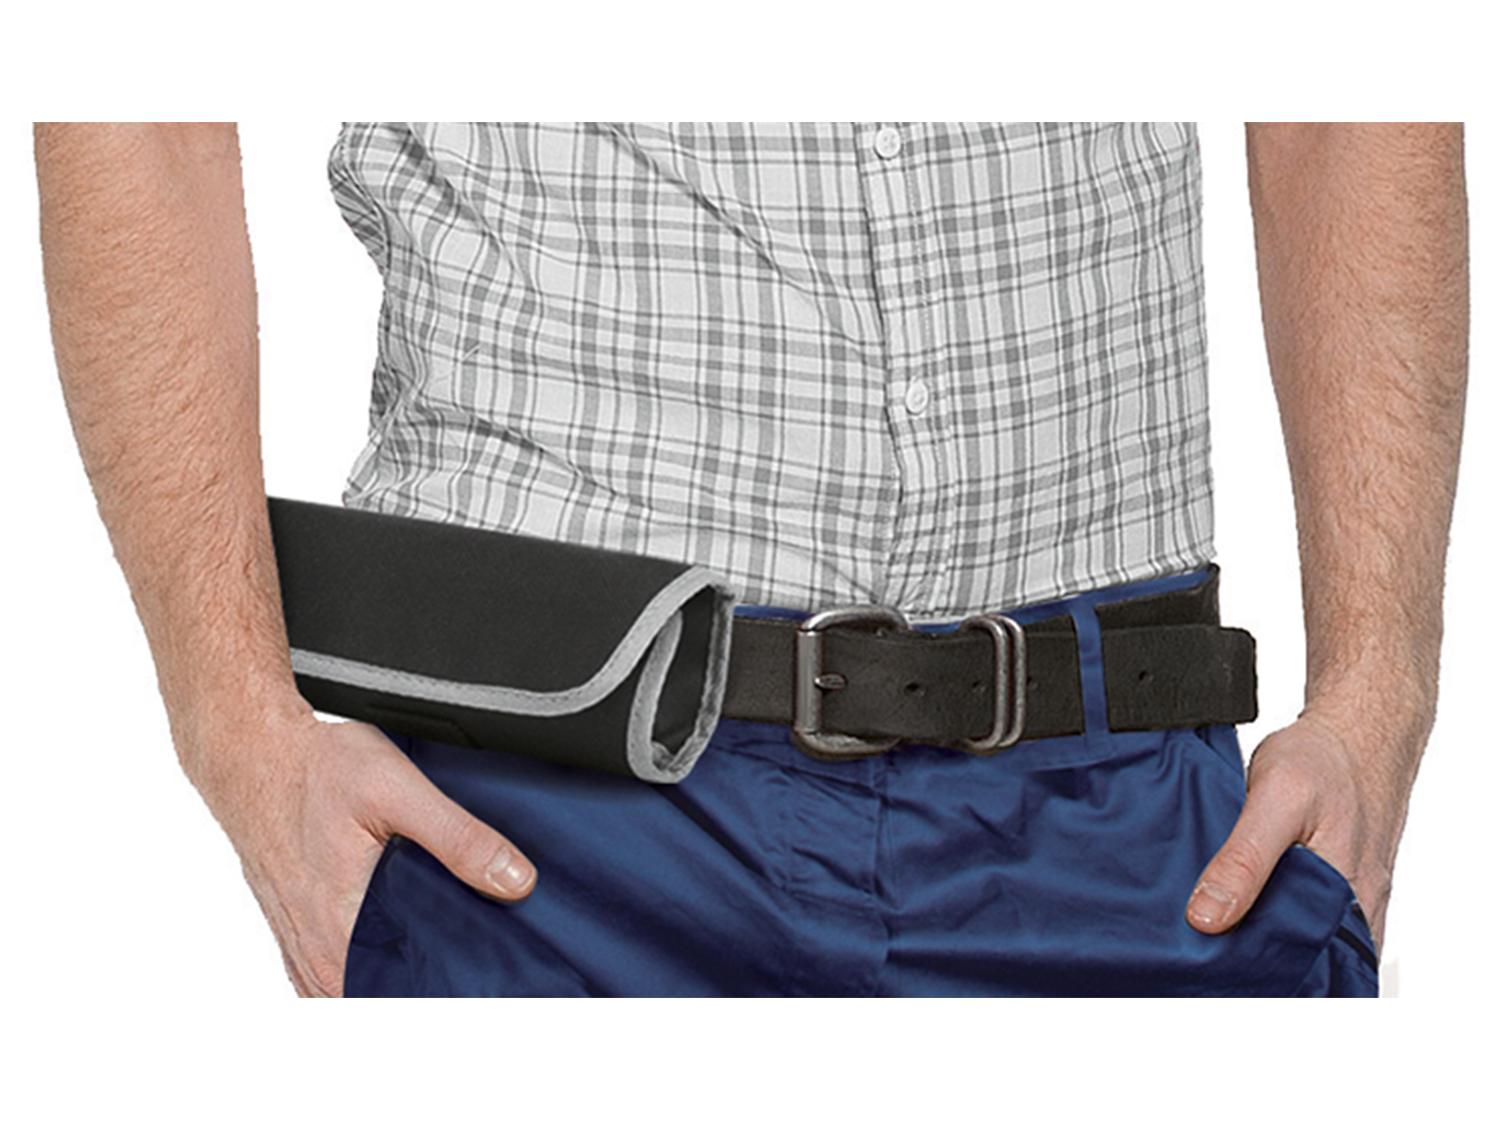 In praktischer Rolltasche aus stabilem Nylongewebe mit Gürtelschlaufe.